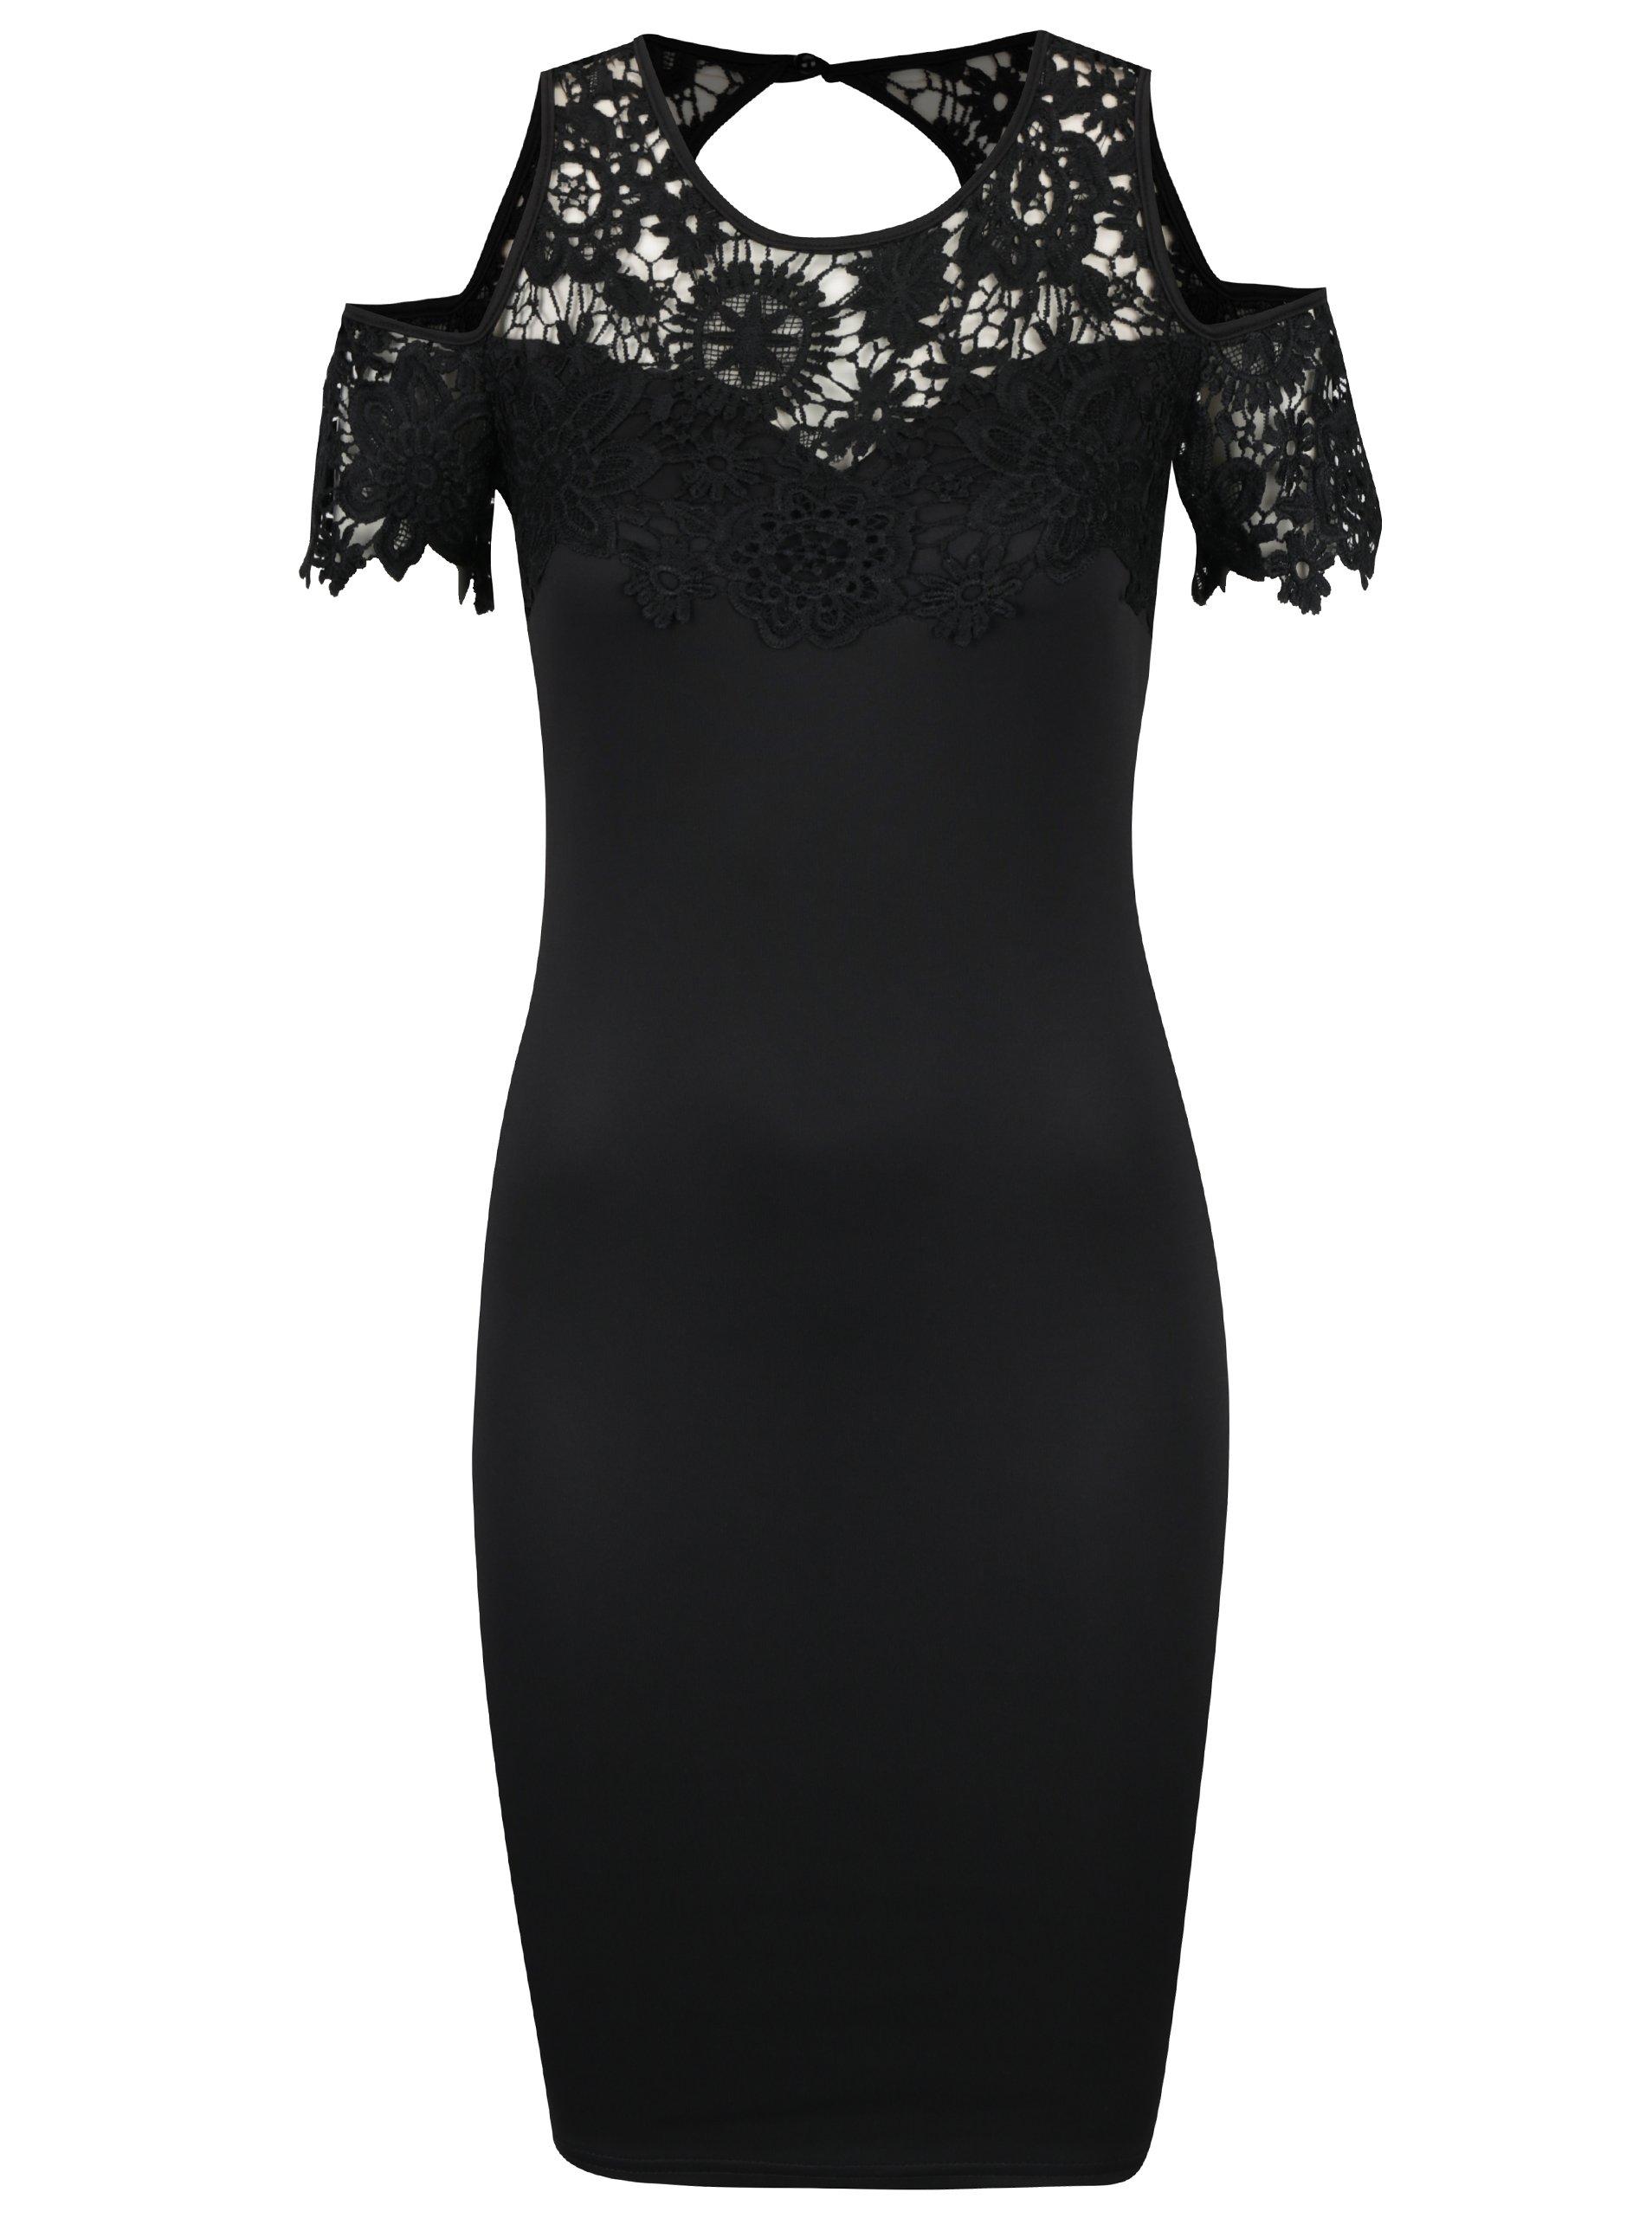 b05a34df2f80 Čierne puzdrové šaty s prestrihmi na ramenách AX Paris